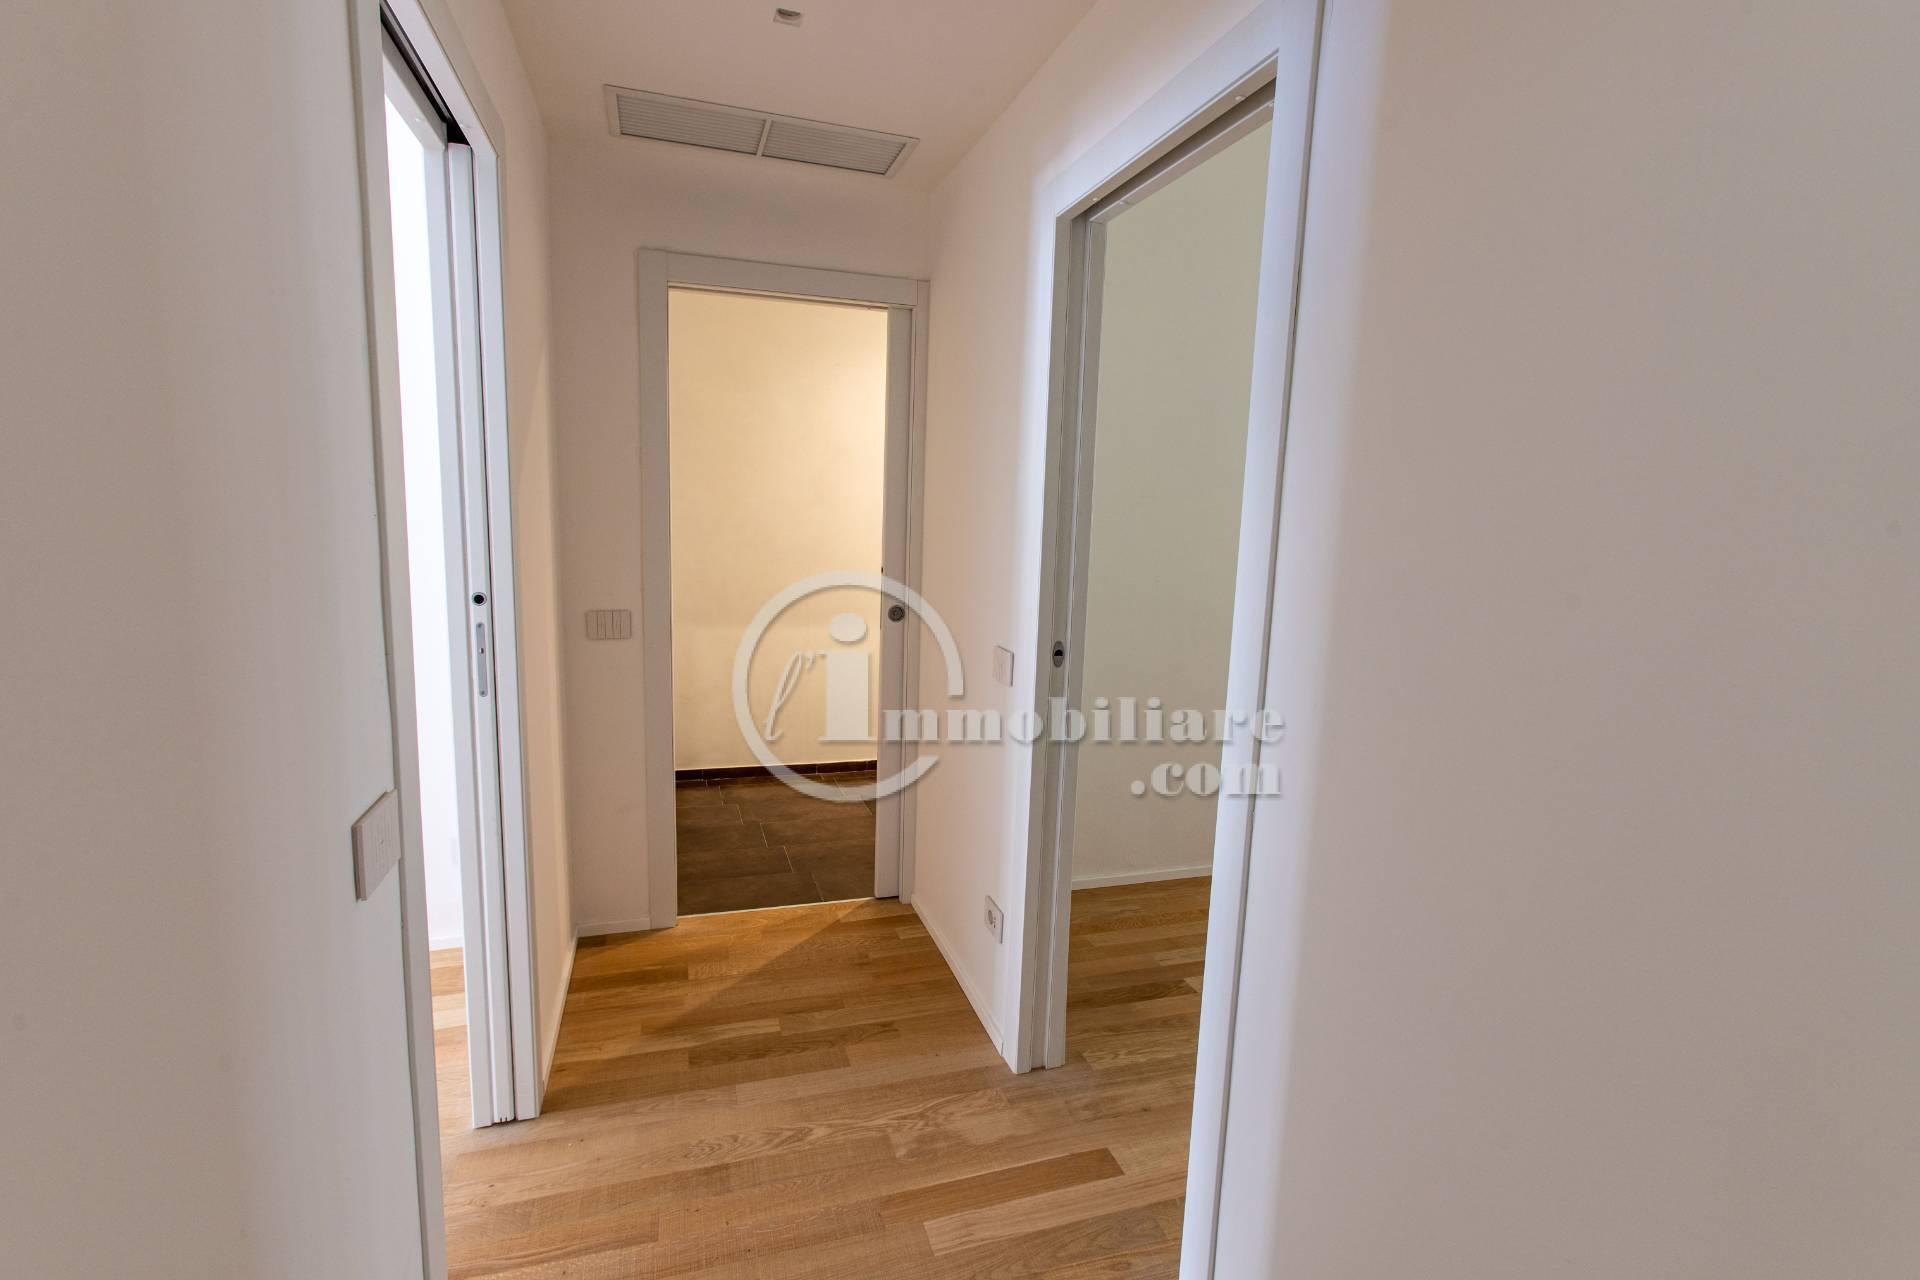 Appartamento in Vendita a Milano: 3 locali, 75 mq - Foto 18